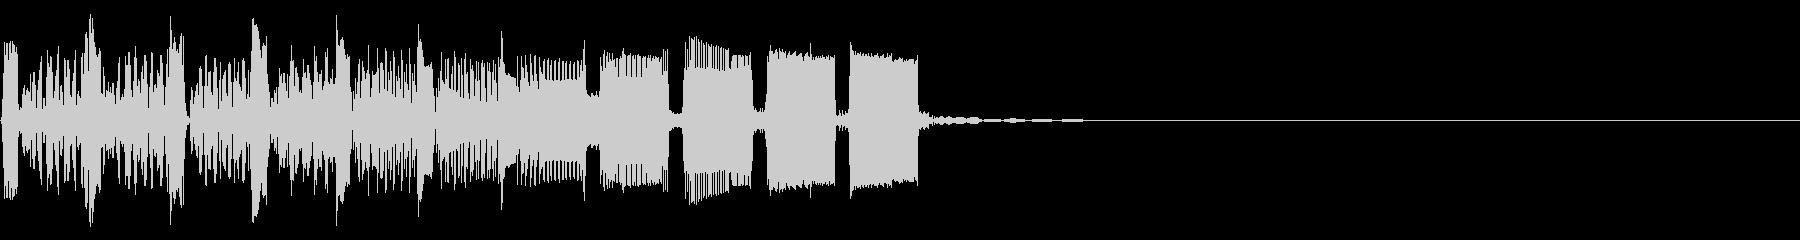 [8Bit]レトロゲーム系SE-01の未再生の波形